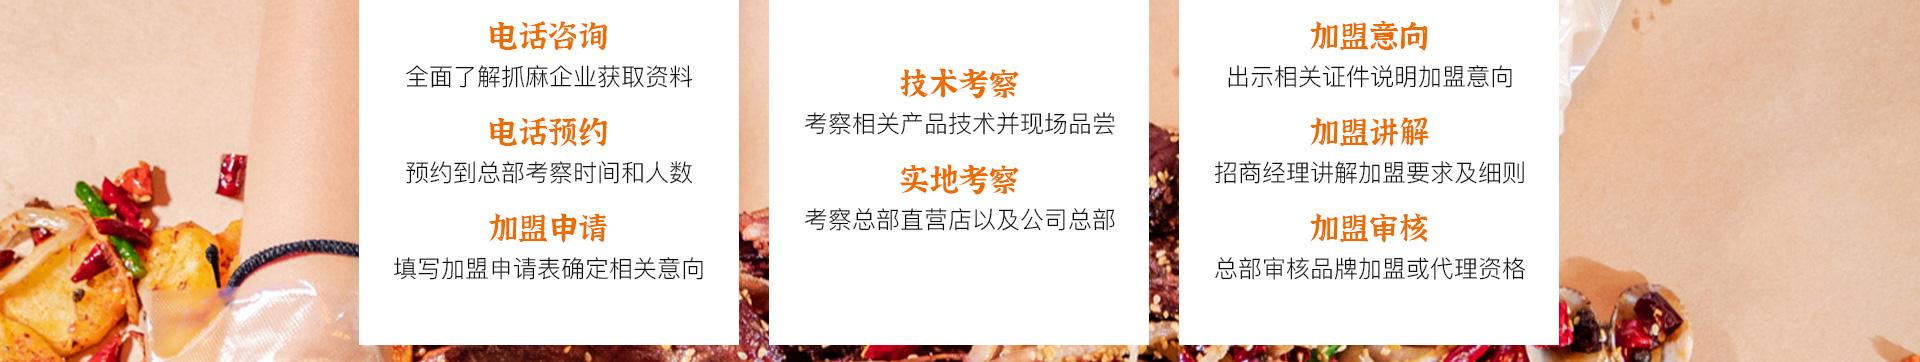 Drama抓麻手抓海鲜小酒馆详情_18